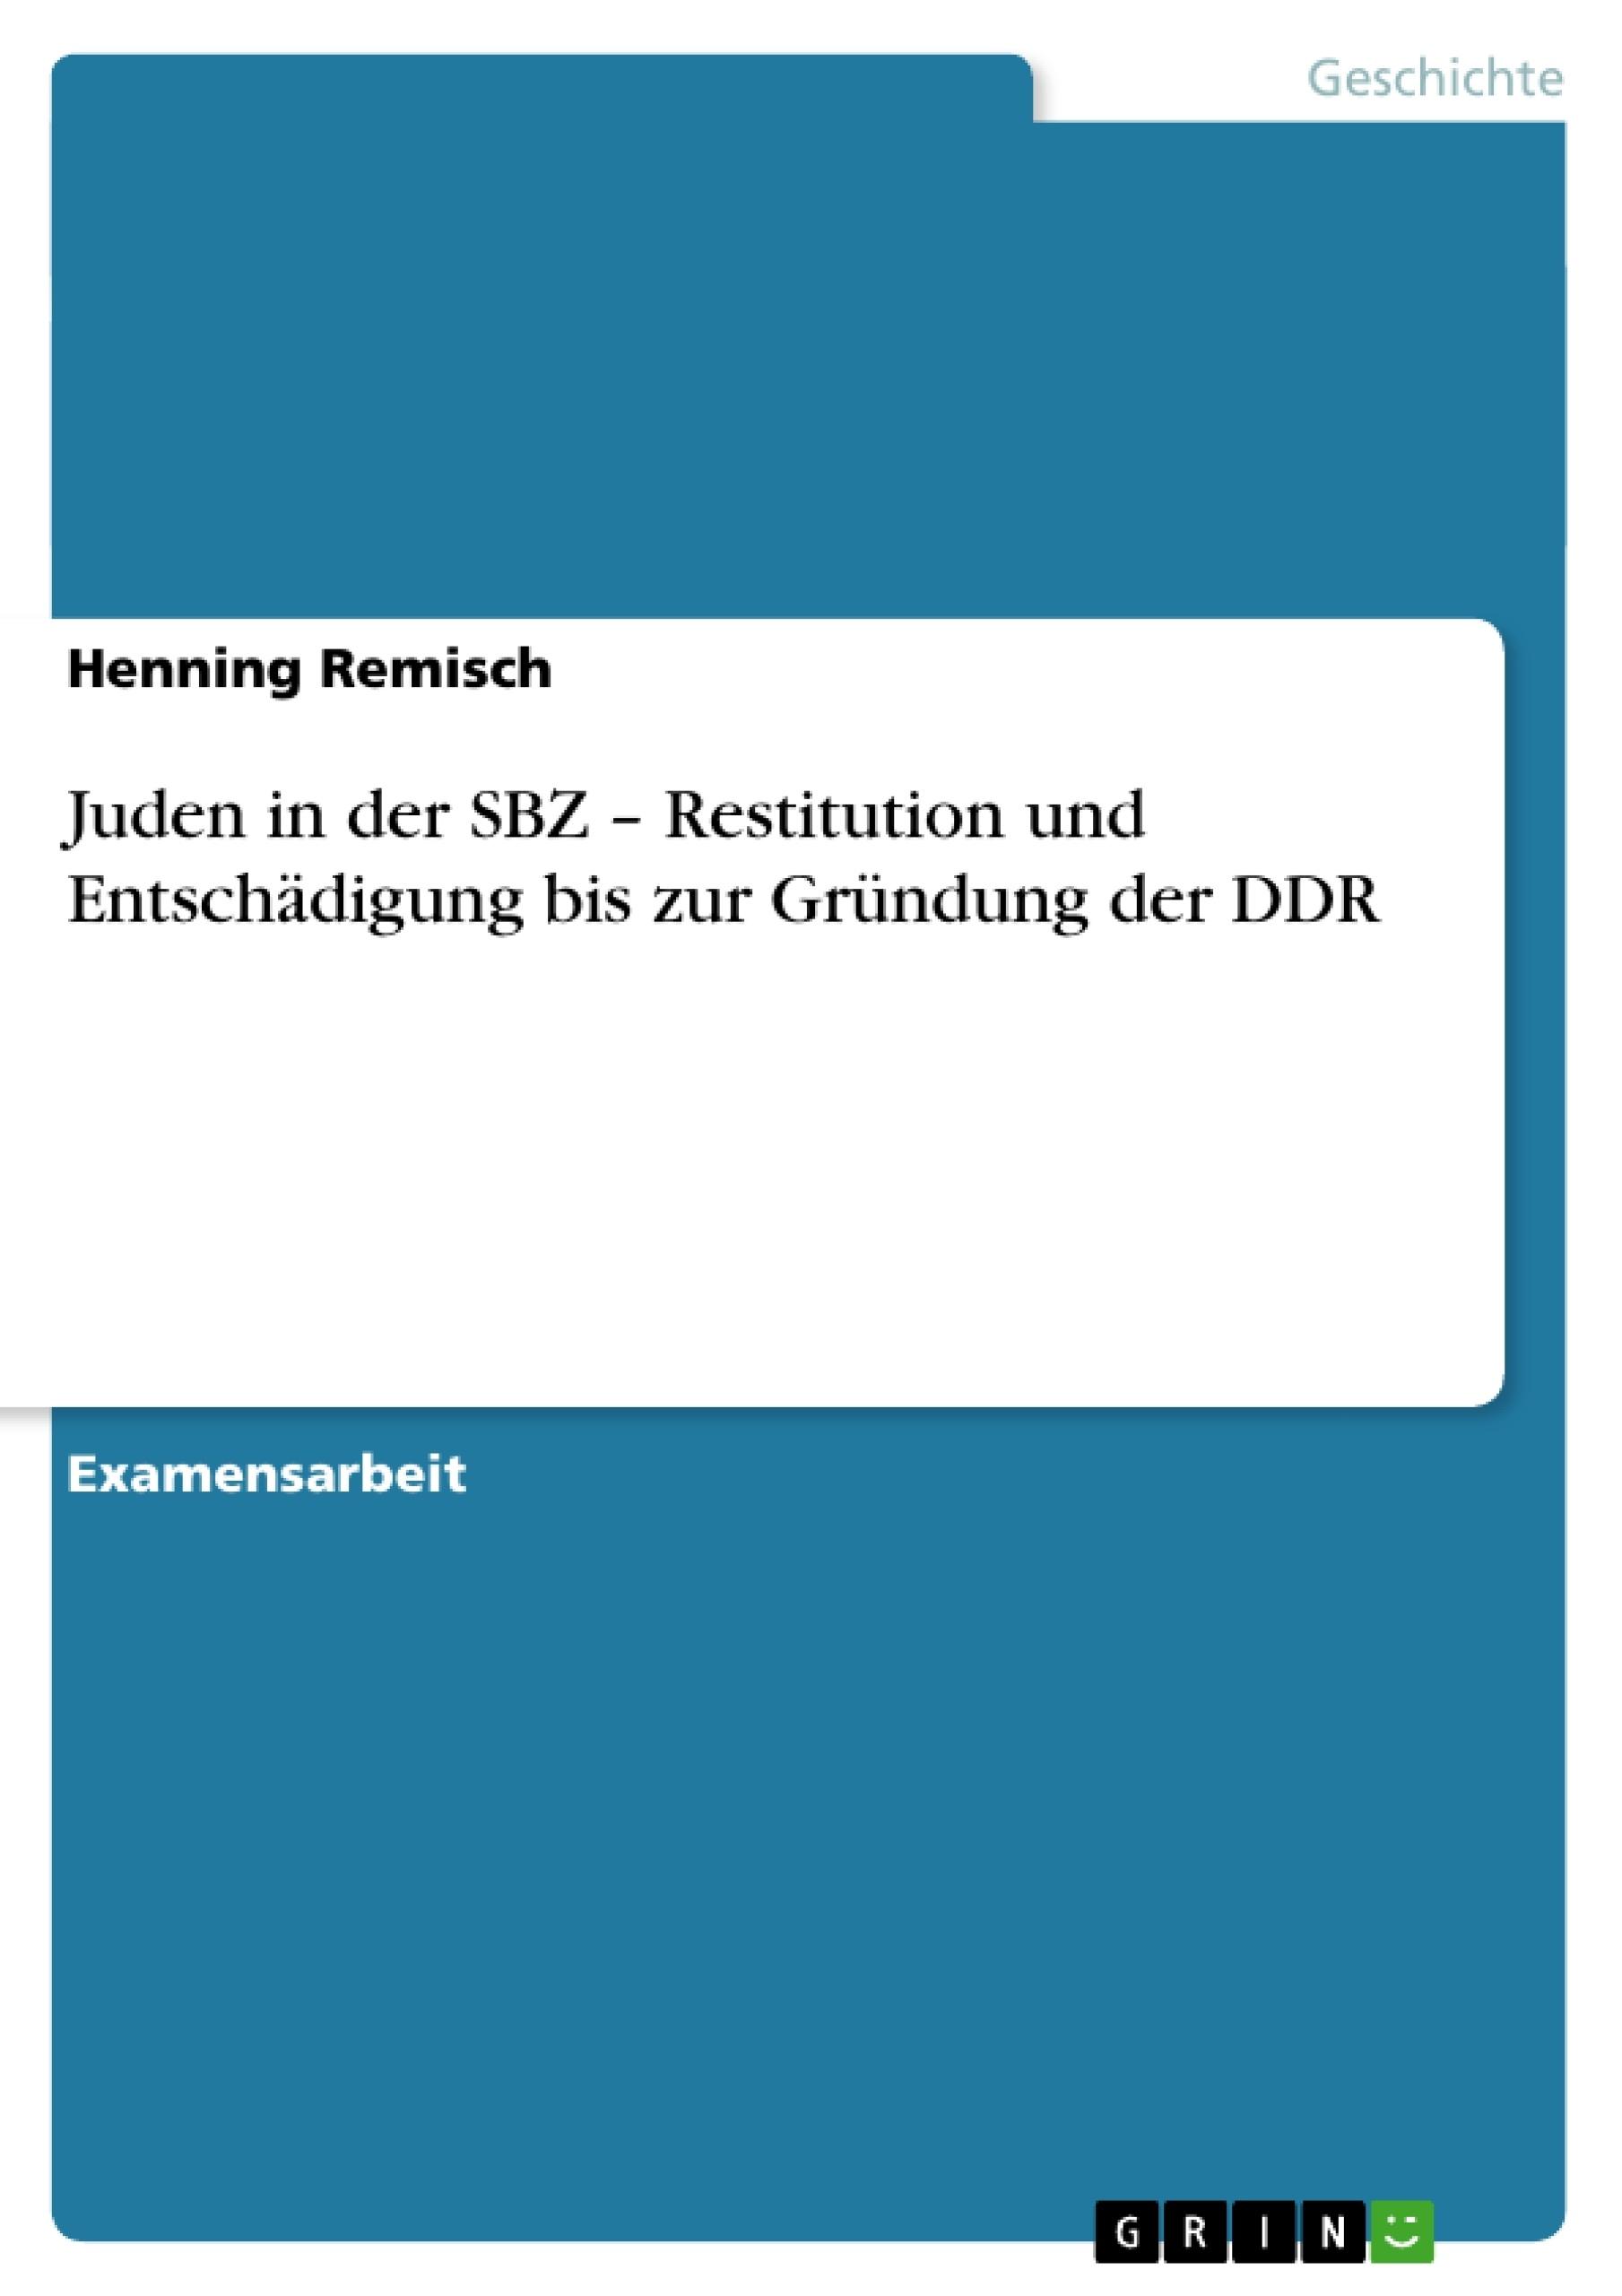 Juden in der SBZ – Restitution und Entschädigung bis zur Gründung ...